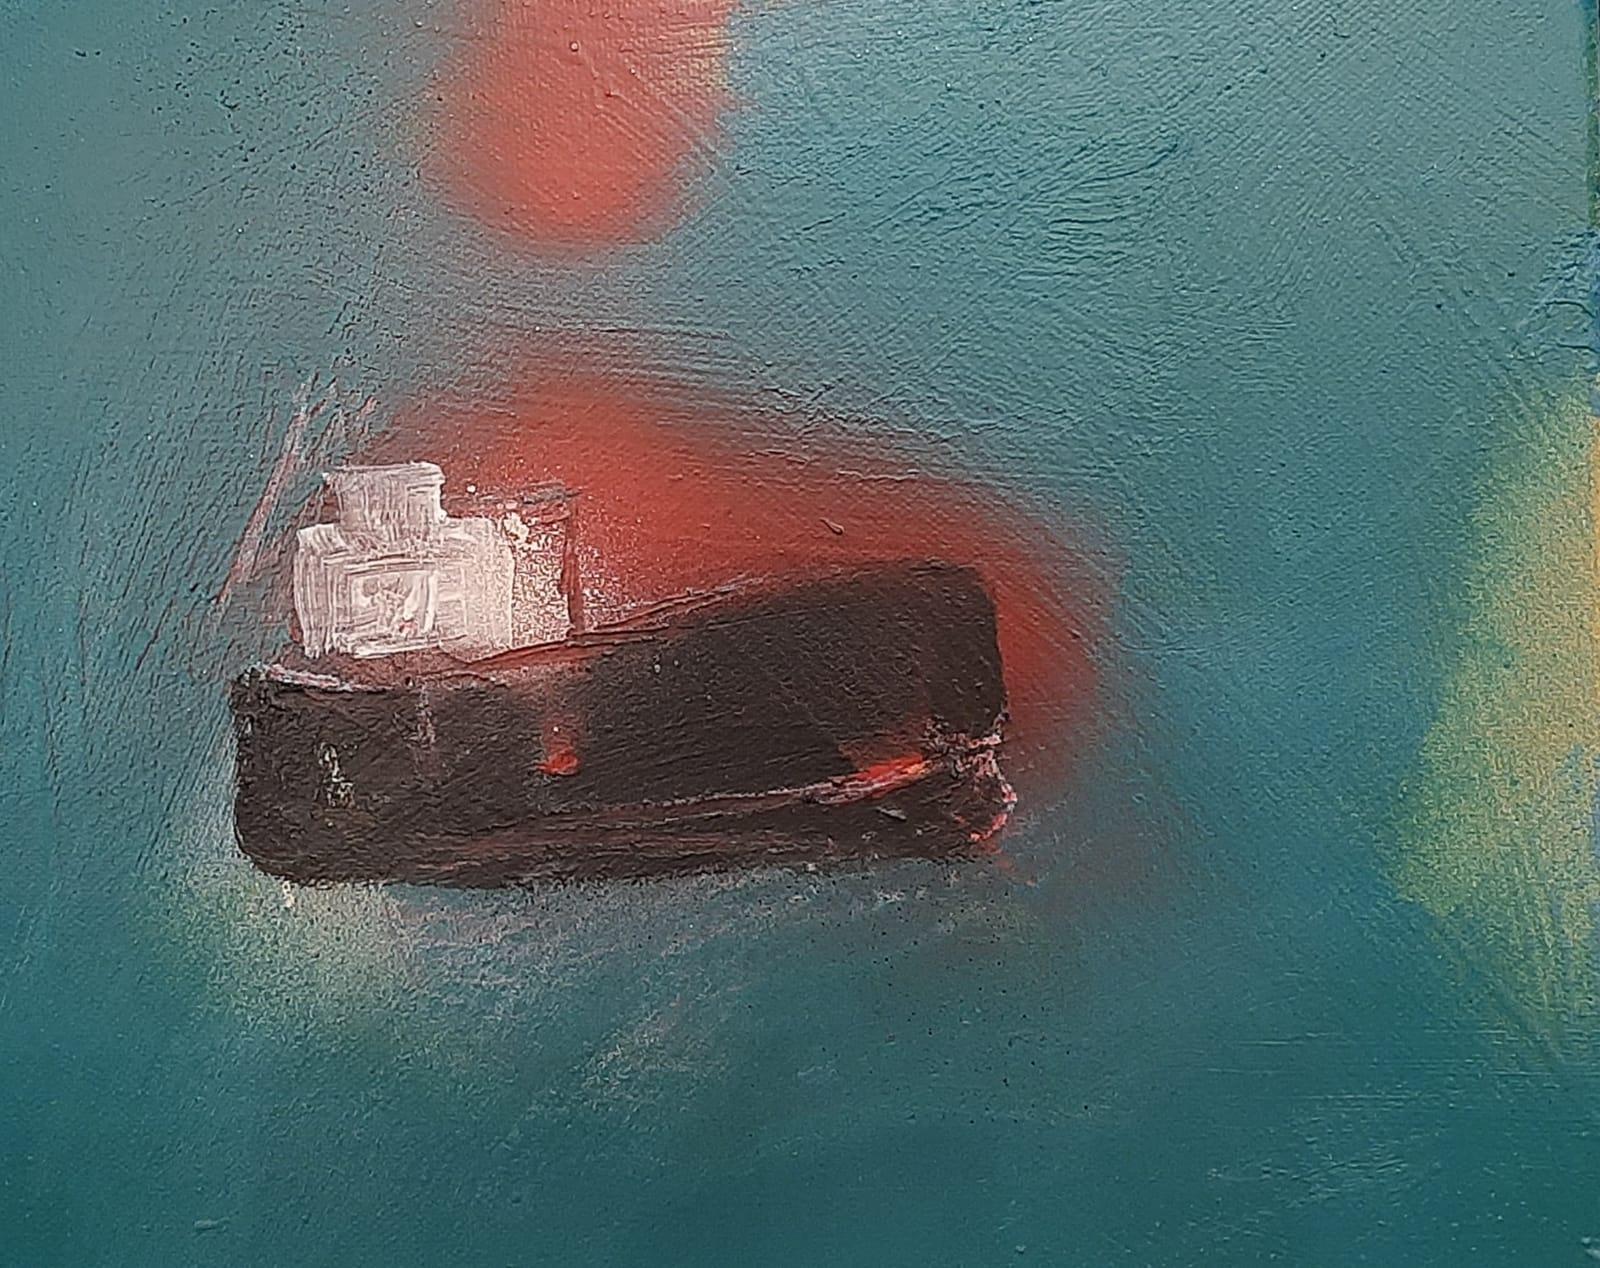 Sea Water | Pallavicini22 spazio espositivo Ravenna